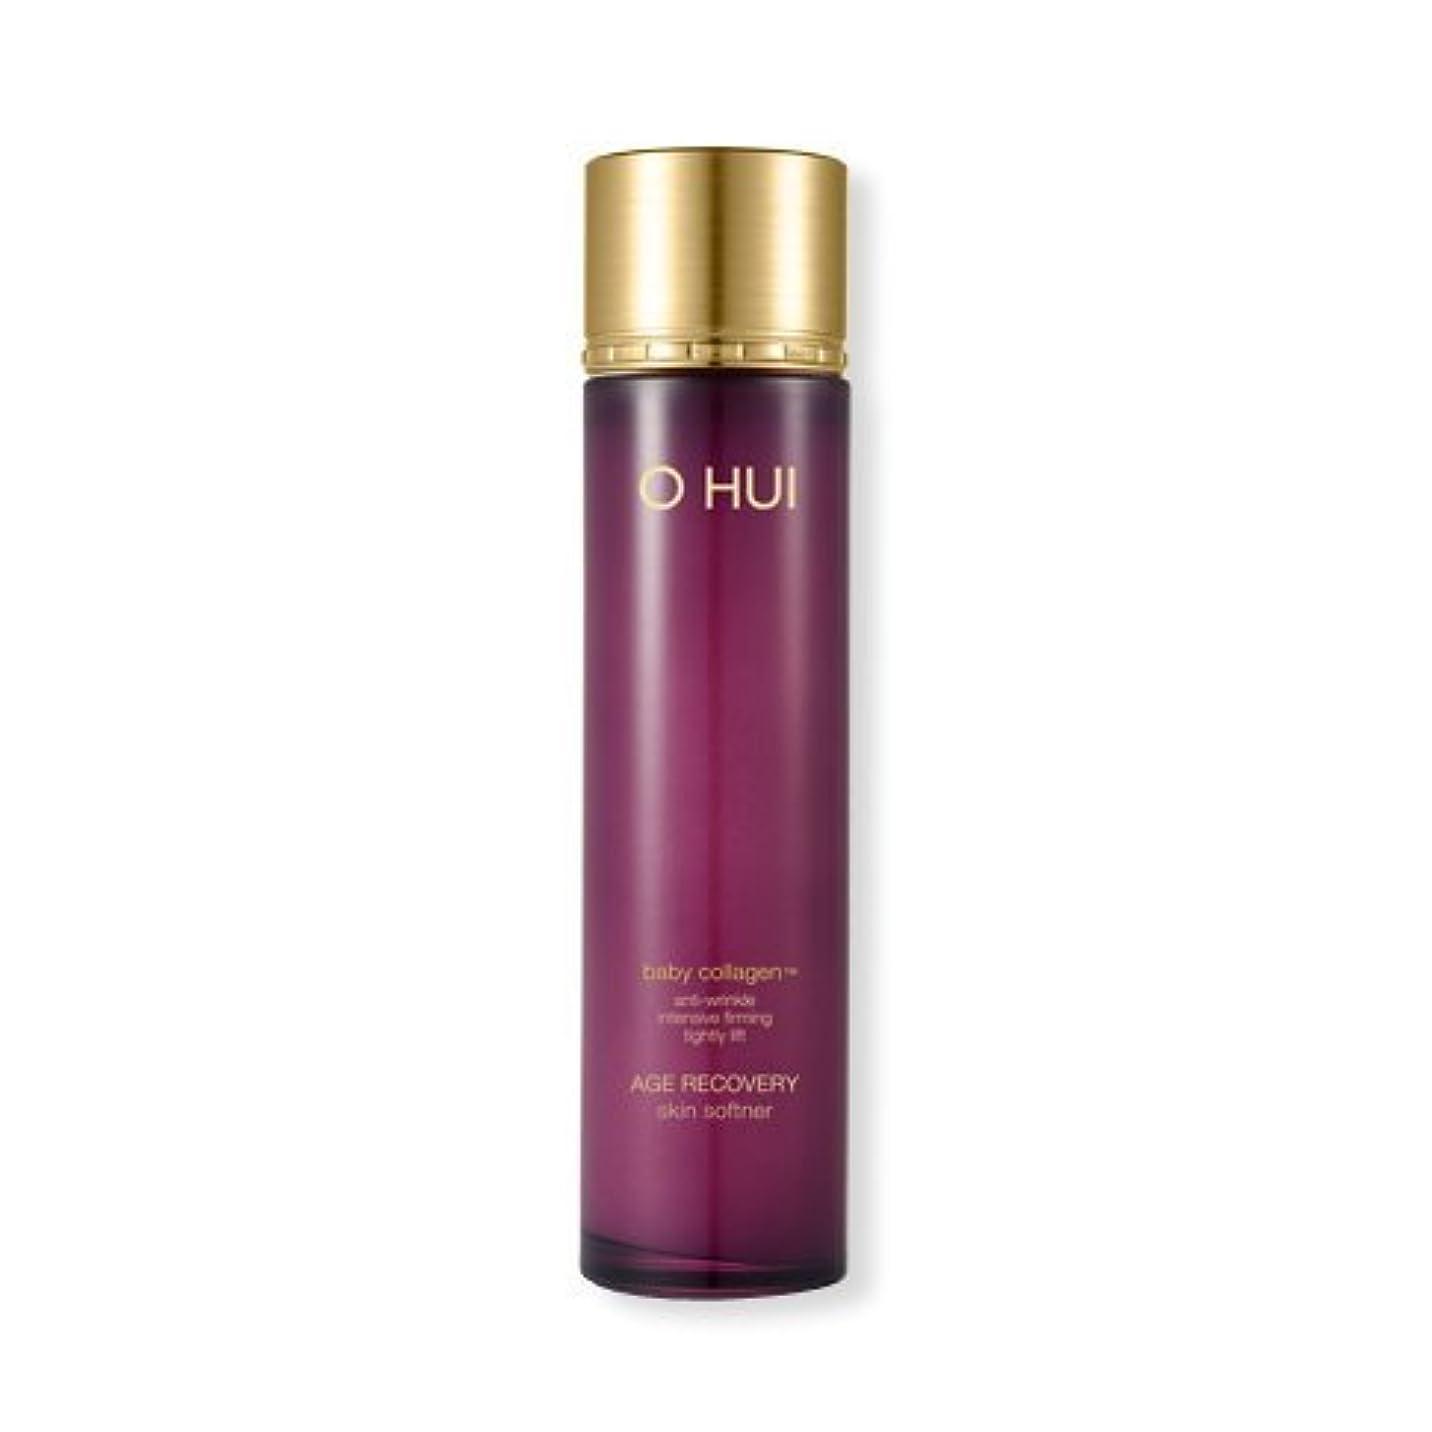 罰する準備ができて怖いOHUI Age Recovery Skin Softener 150ml/オフィ エイジ リカバリー スキン ソフナー 150ml [並行輸入品]